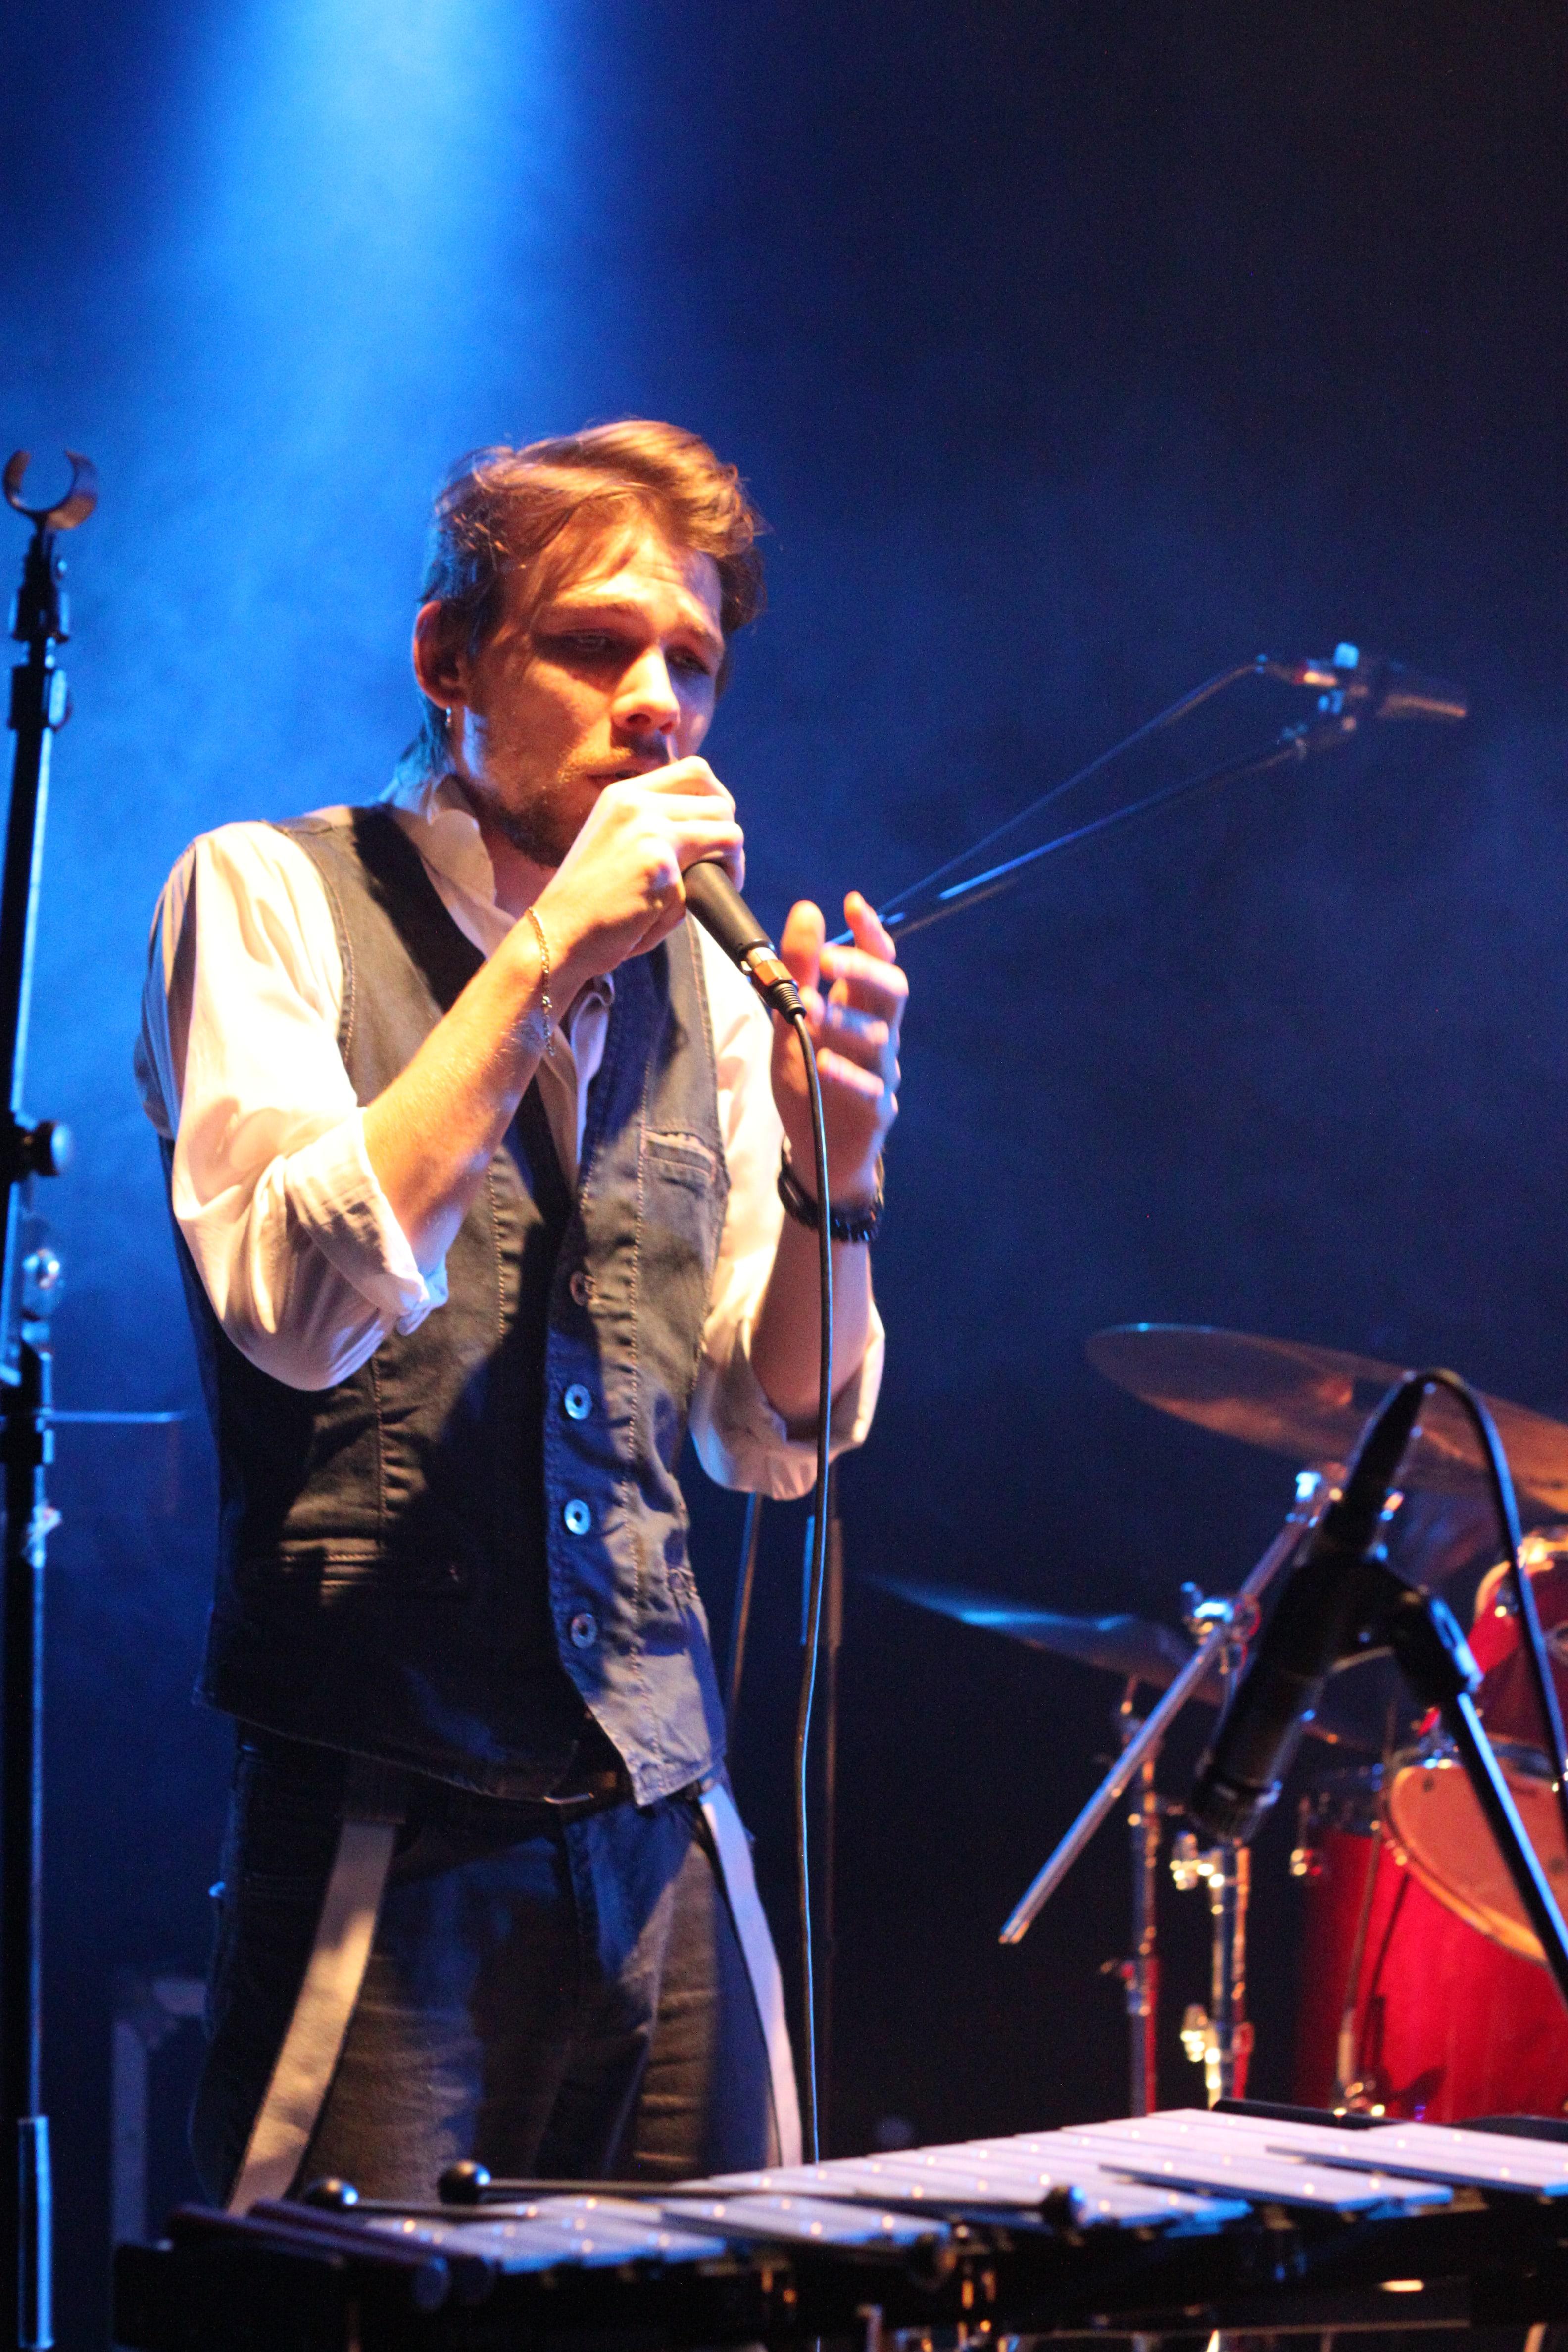 Robin alias Ilyr au chant pendant un concert